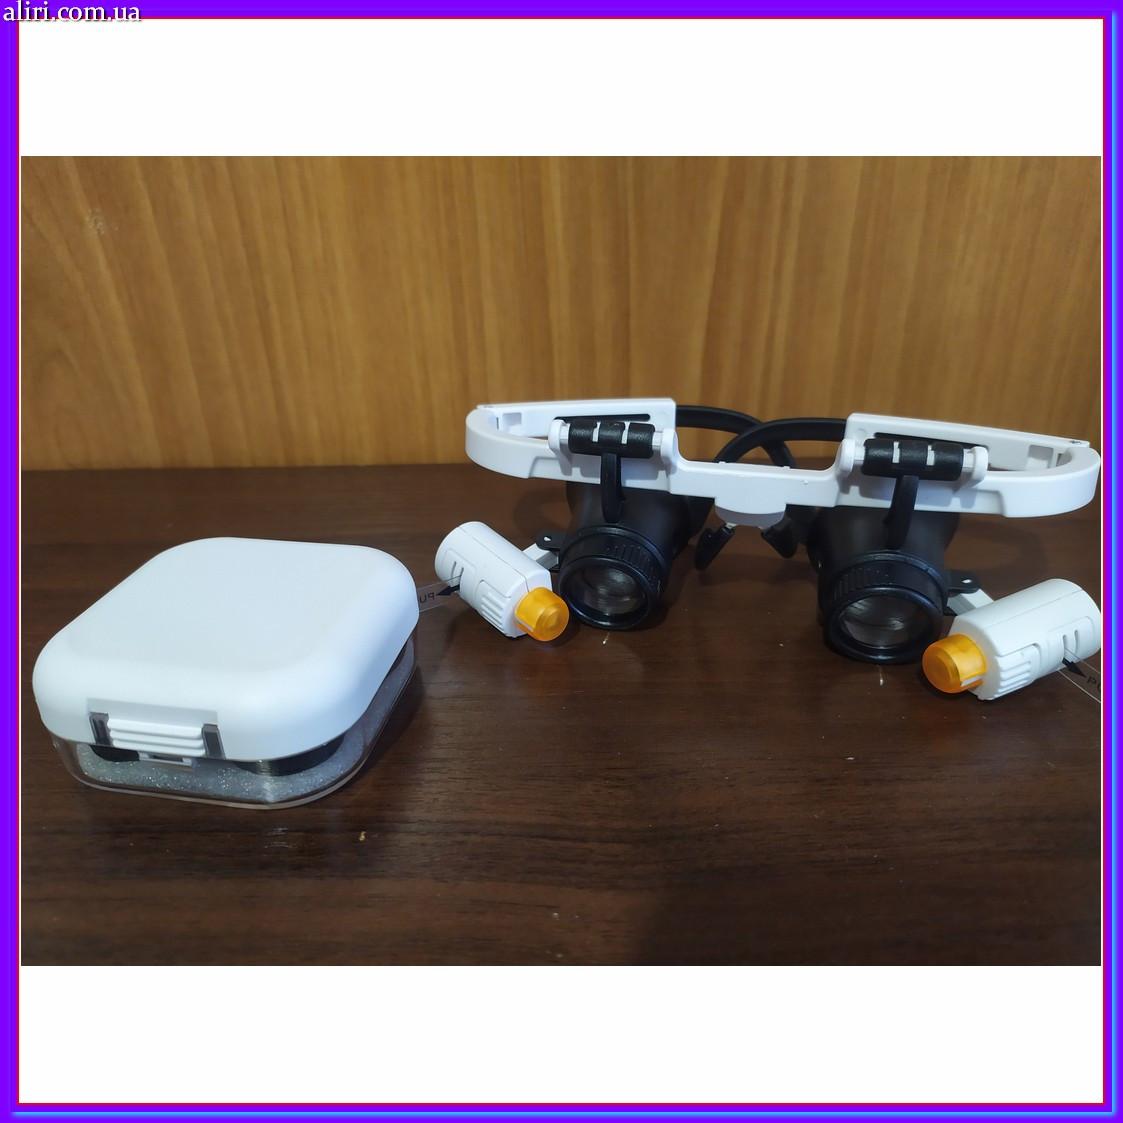 Бинокулярные очки с светодиодной подсветкой 9892 RD белые